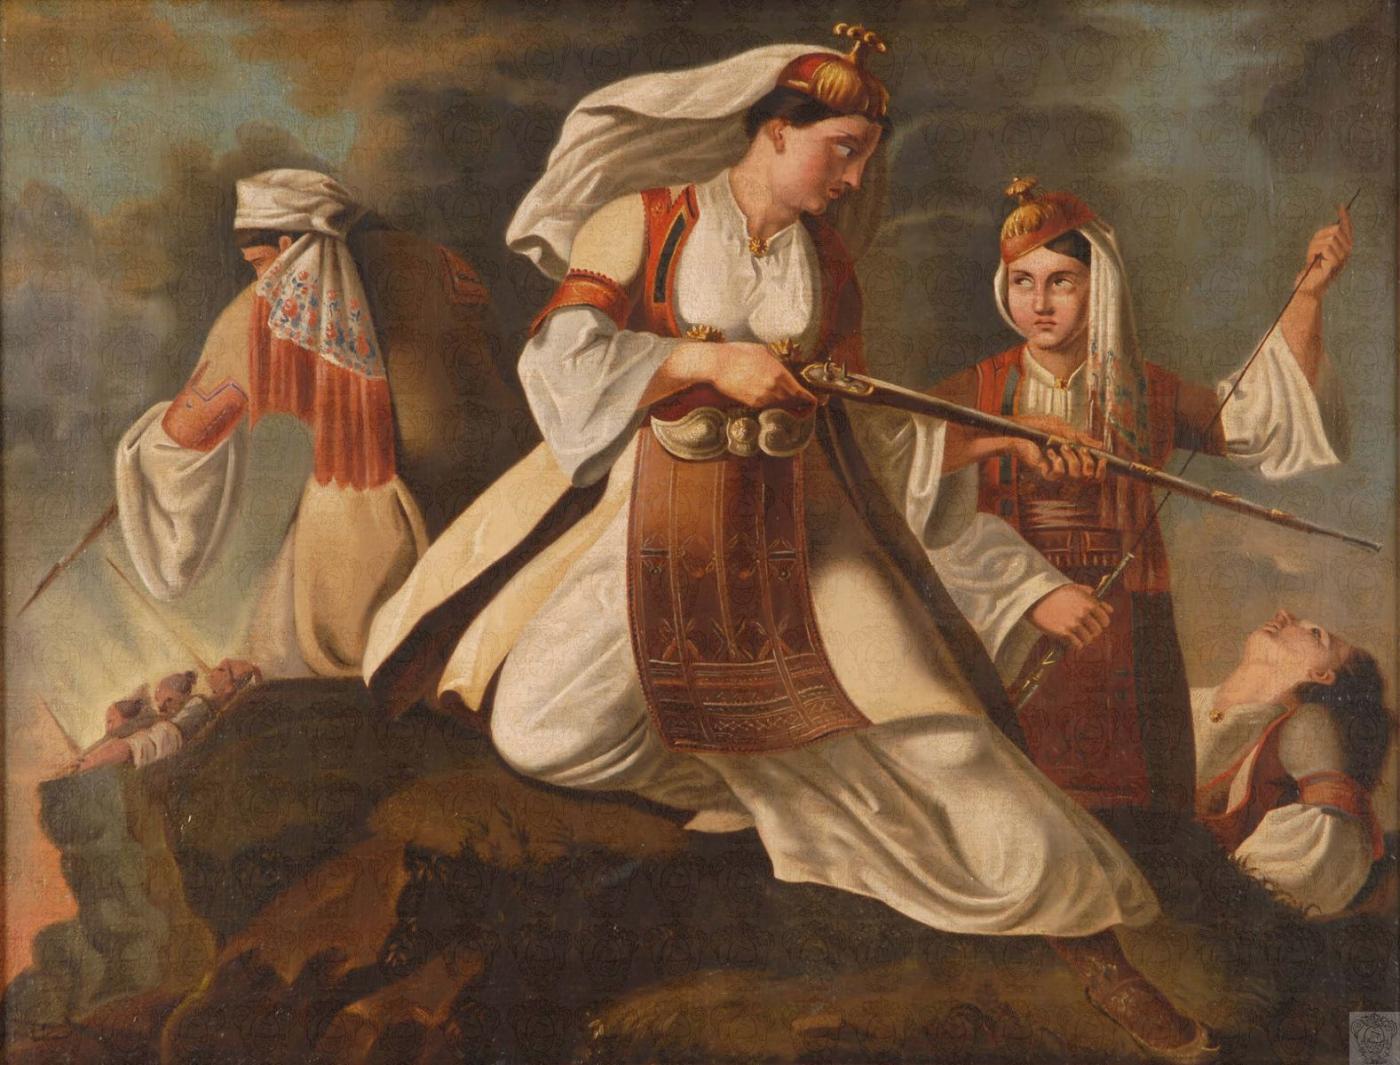 20 Ἰουλίου 1792. Ὁ Ἀλῆ πασσᾶς γελοιοποιεῖται στὸ Σοῦλι...